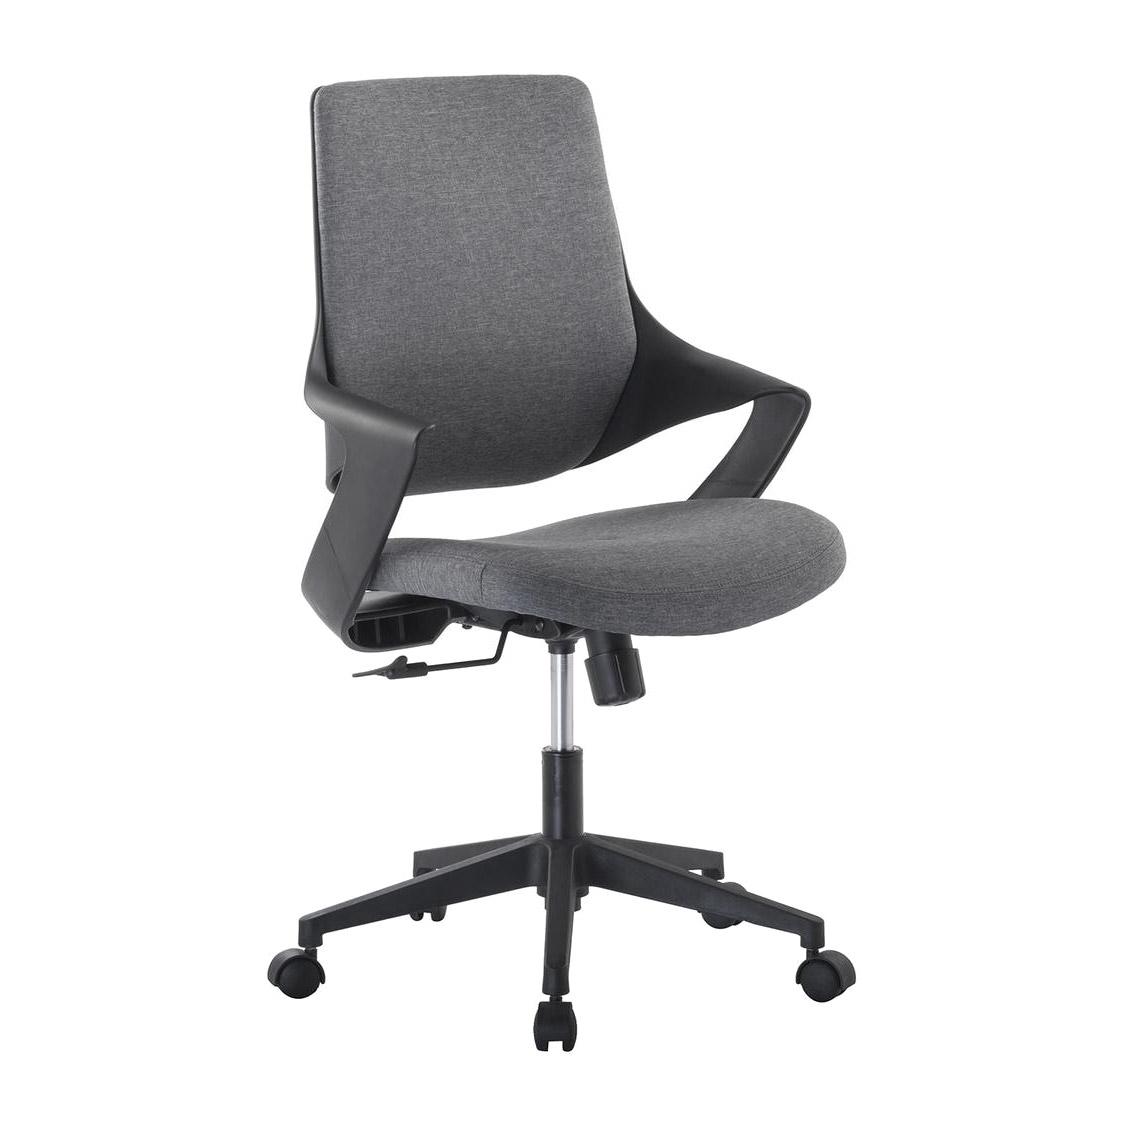 Кресло компьютерное TC черное 105х53х50 см компьютерное кресло turin компьютерное кресло